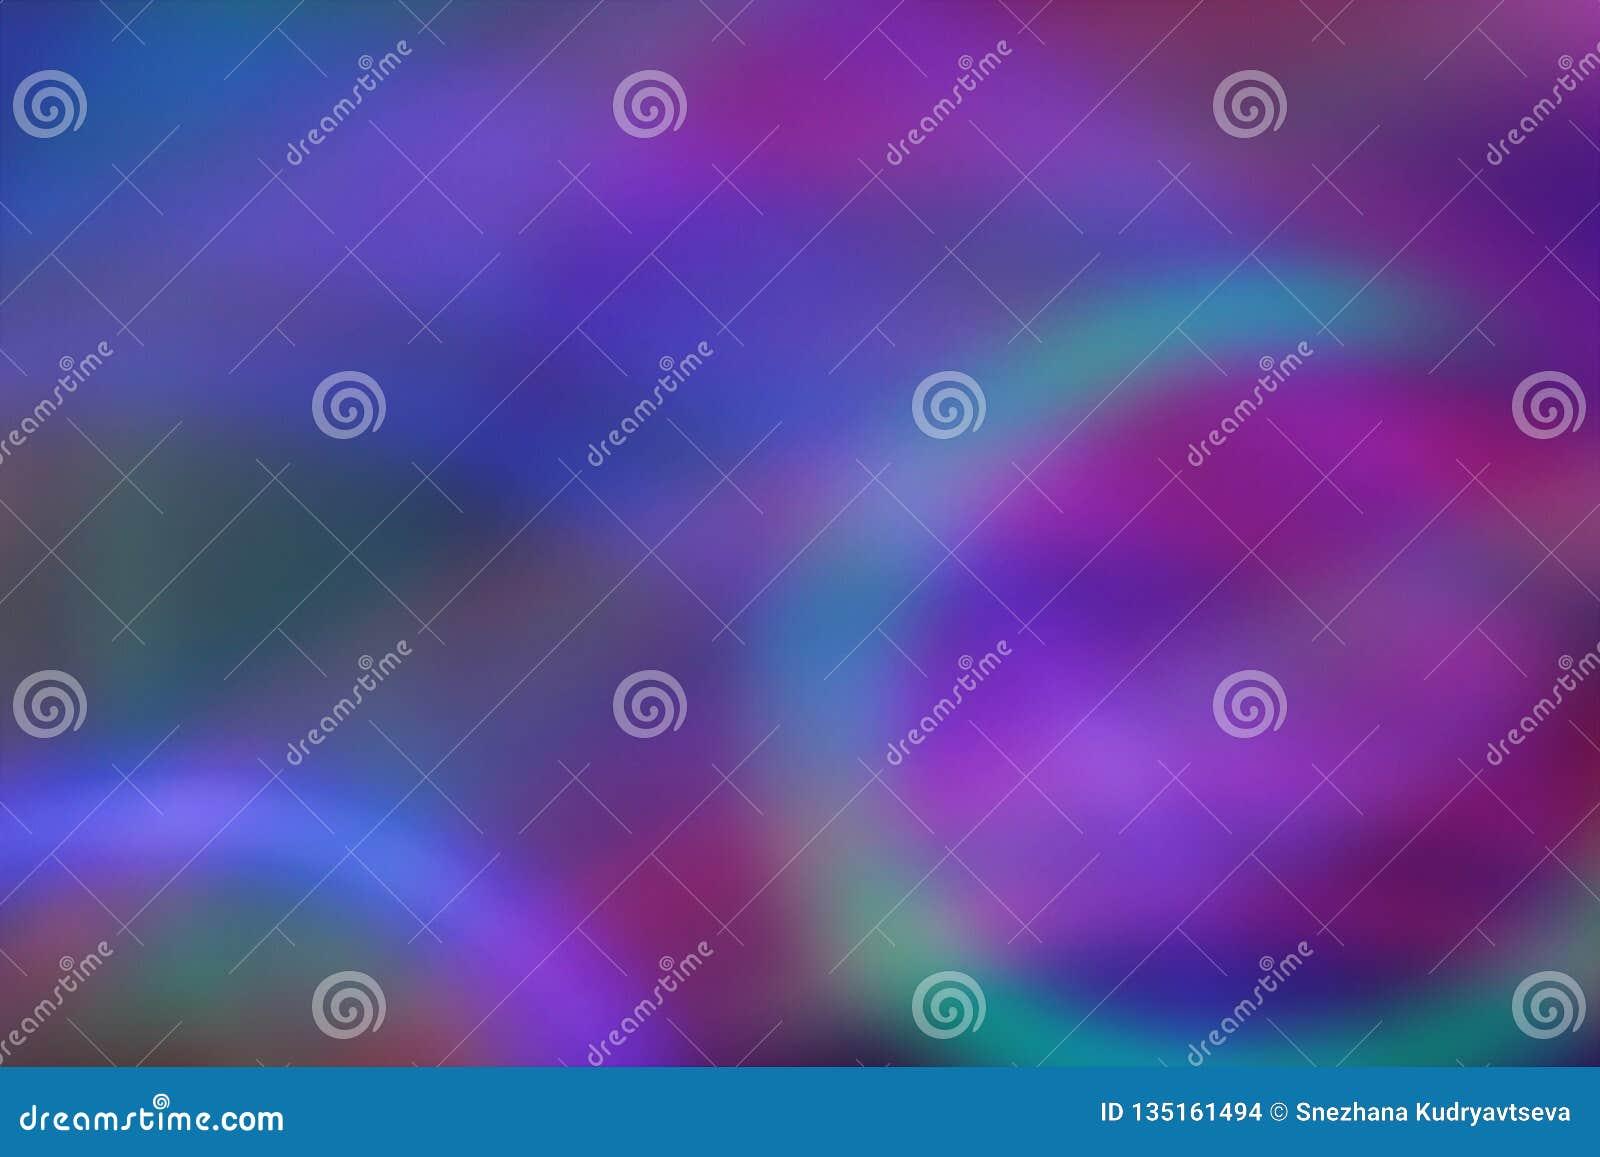 Текстурируйте мягкие ровные абстрактные линии и цвета